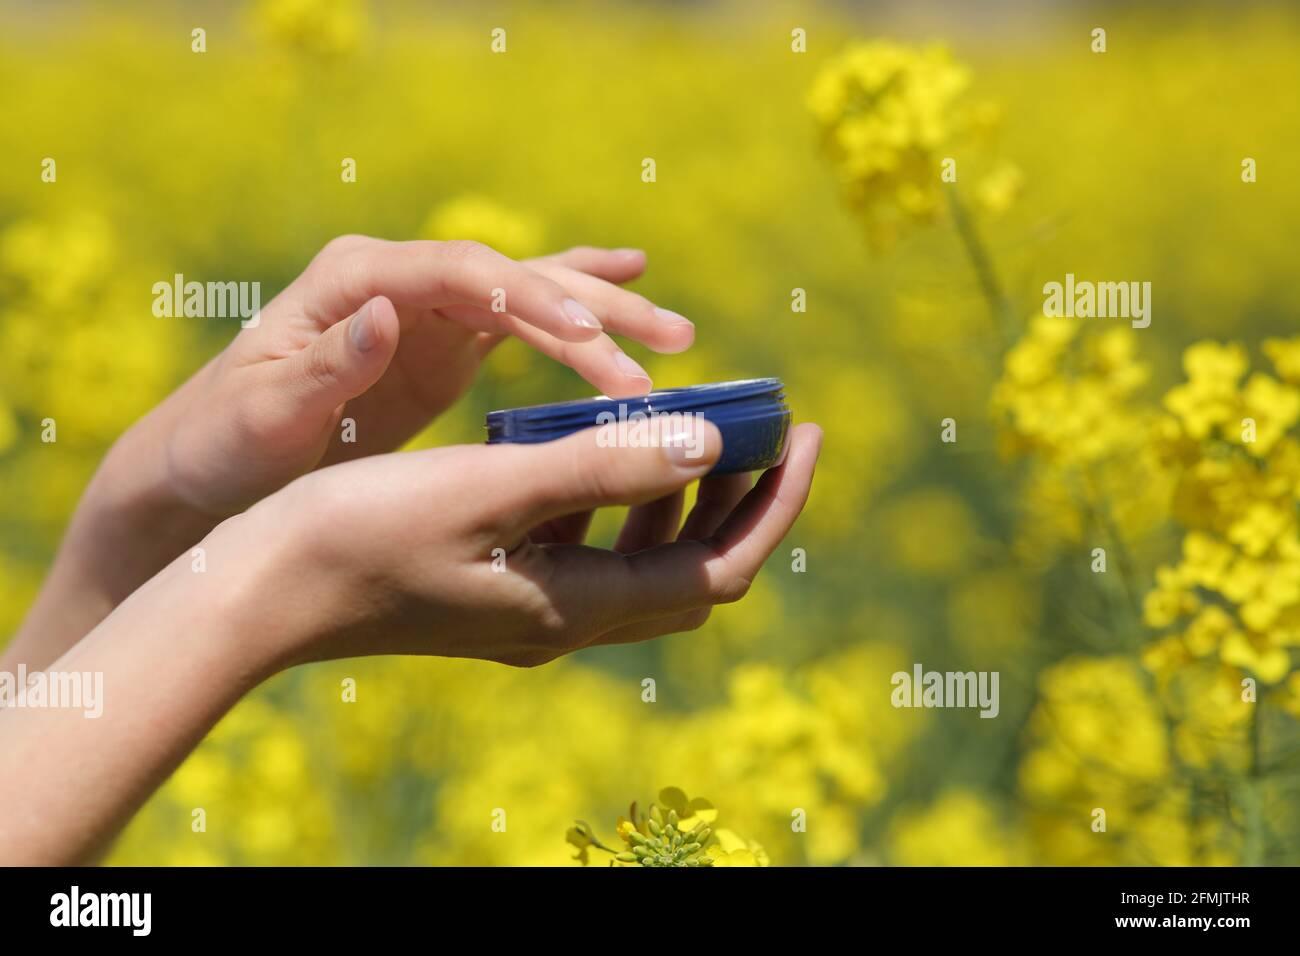 Nahaufnahme einer Frau mit der Hand, die ein Feuchtigkeitscreme-Glas hält Ein gelbes Feld im Frühling Stockfoto